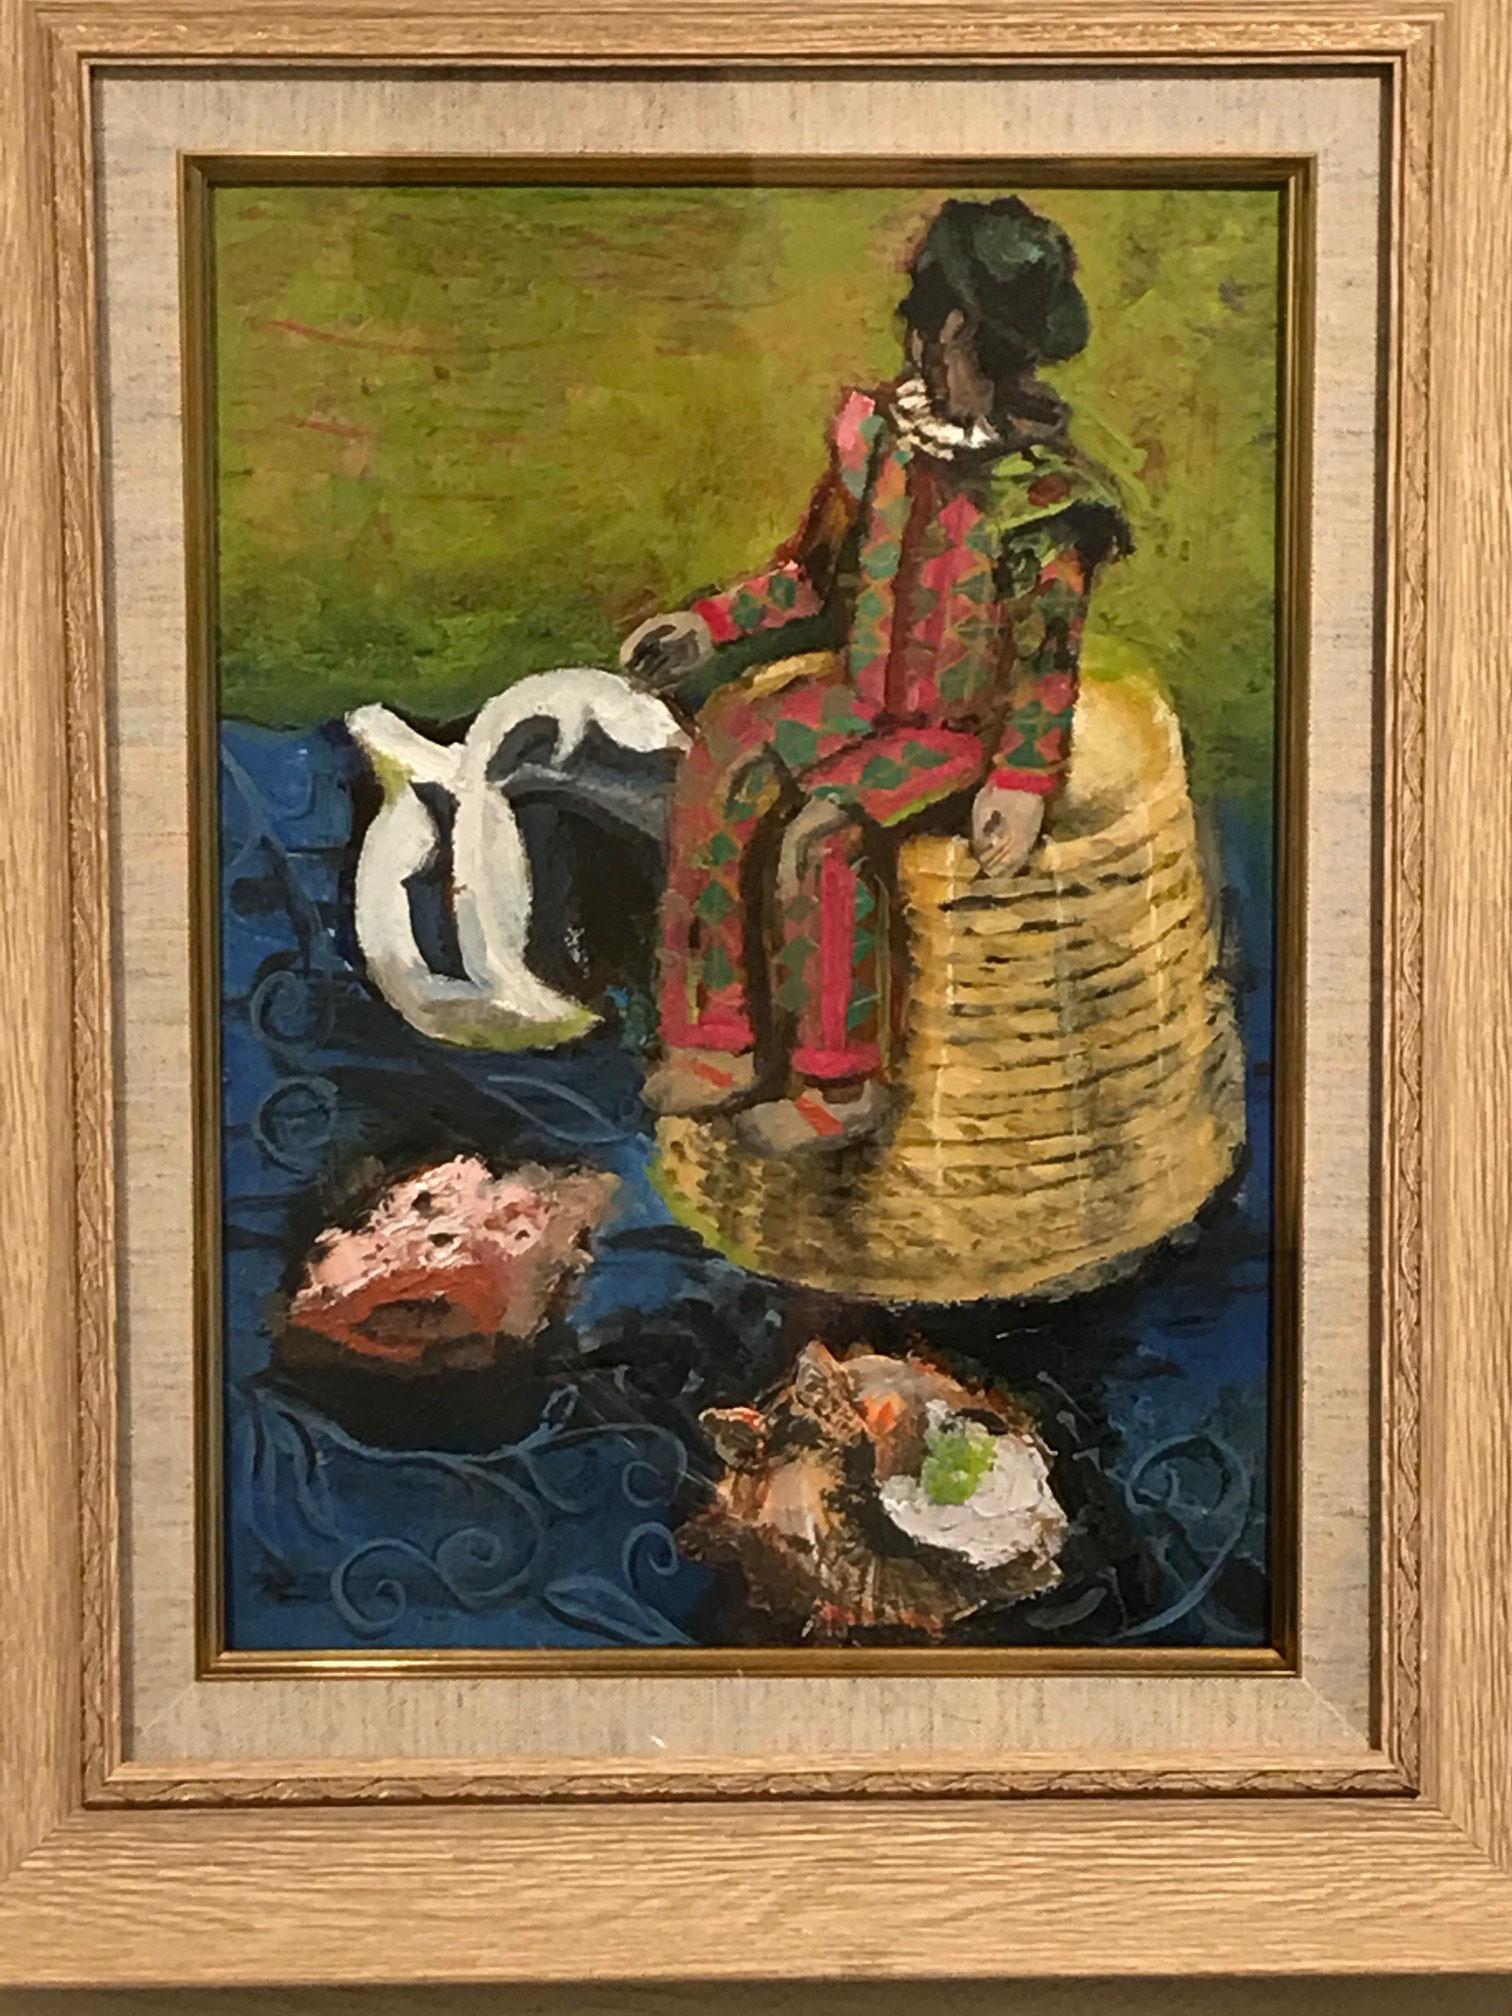 甲斐久美子「ピエロのいる静物画」F4